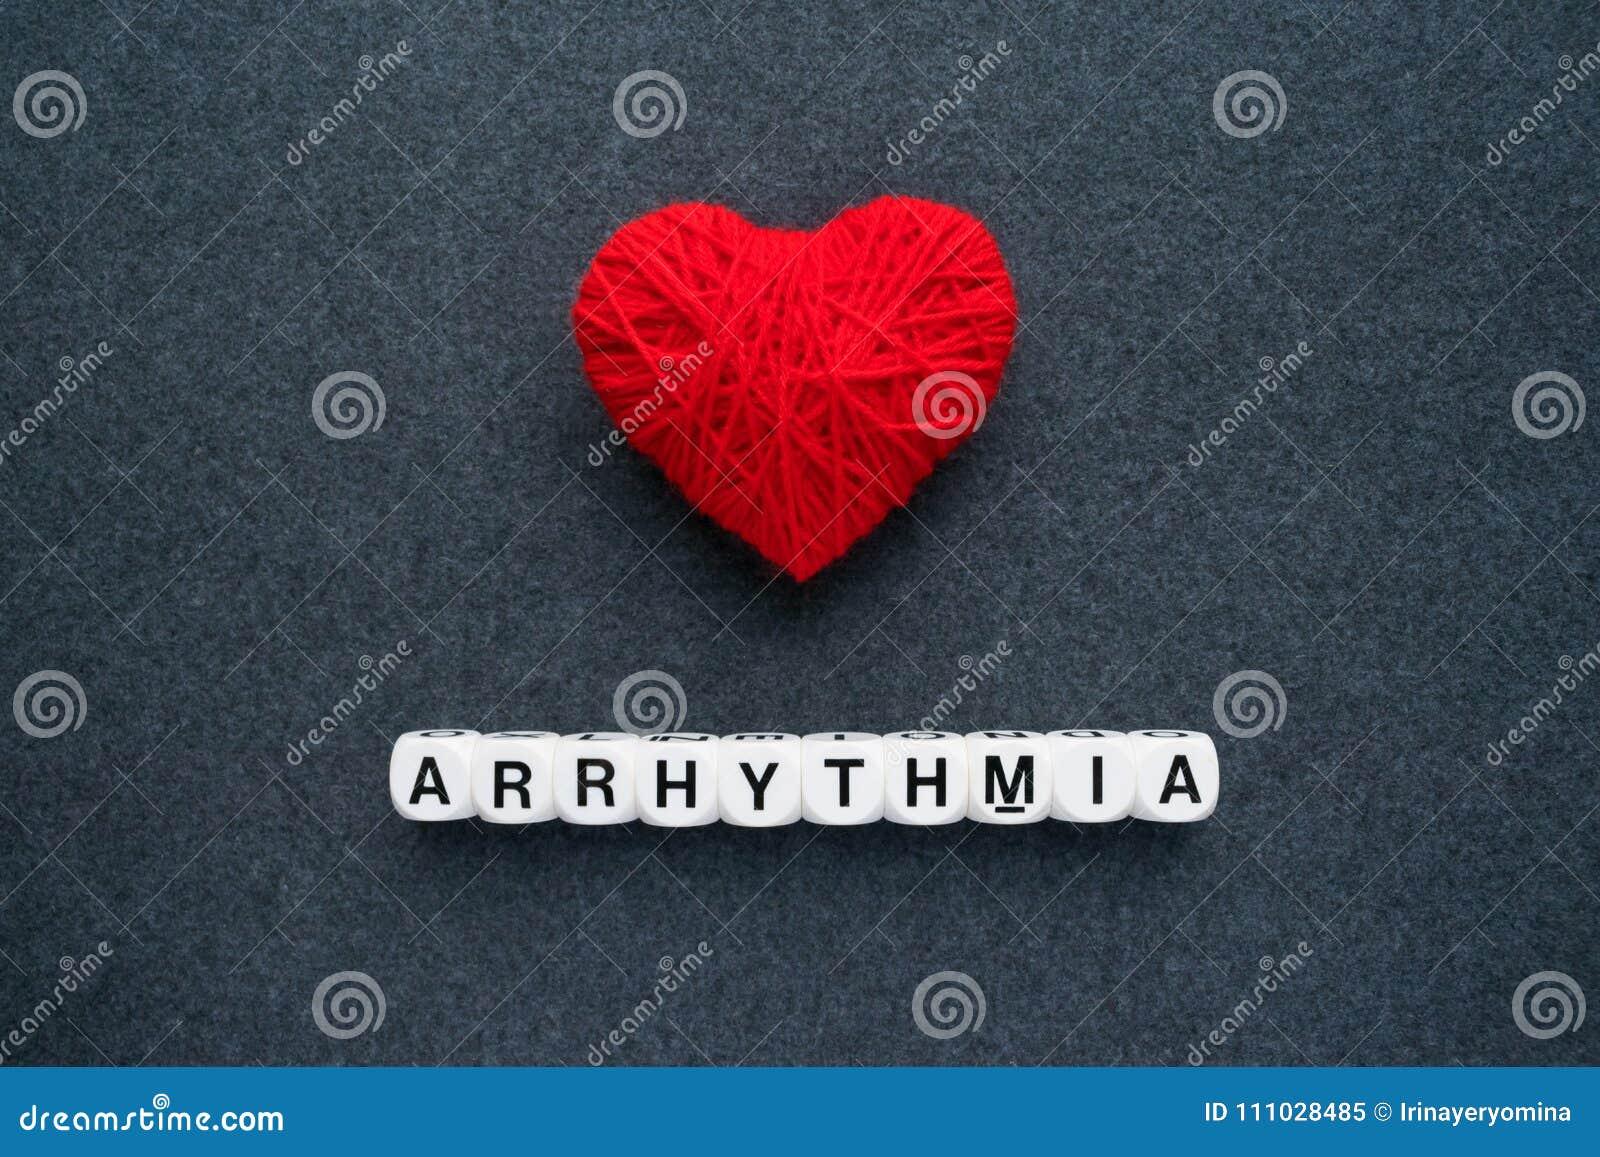 Heart arrhythmia, cardiac dysrhythmia or irregular heartbeat. Ar